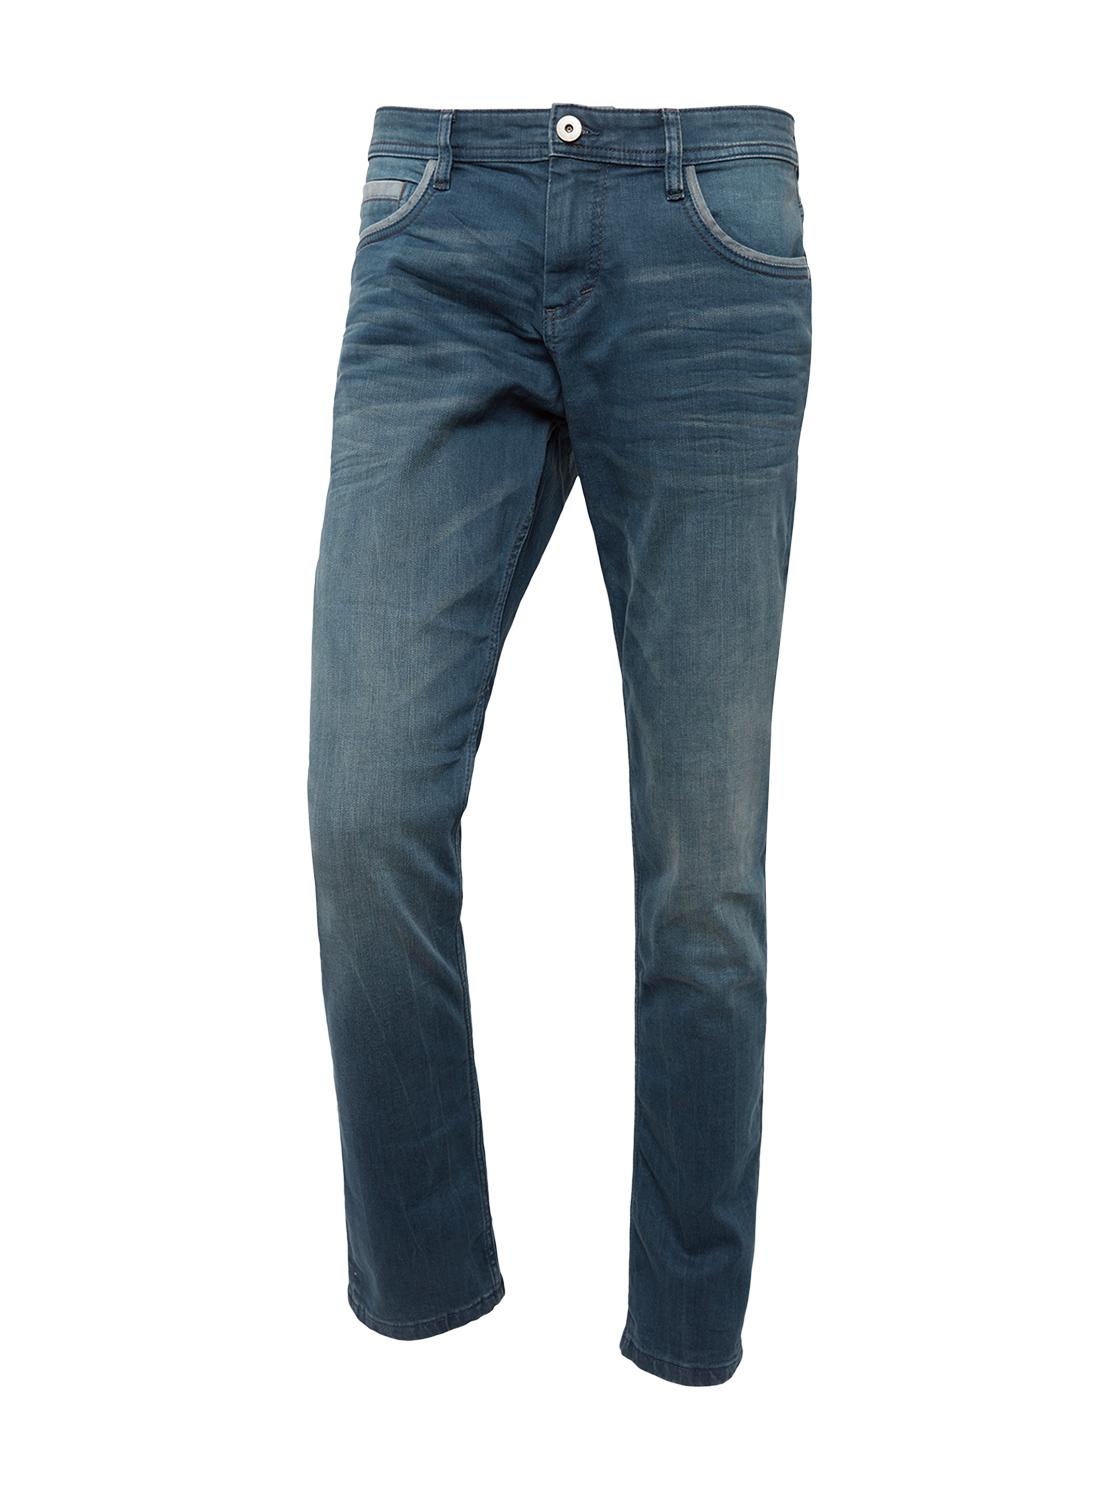 5POCKET  JOSH REGULAR SLIM Den, blue denim grey cast